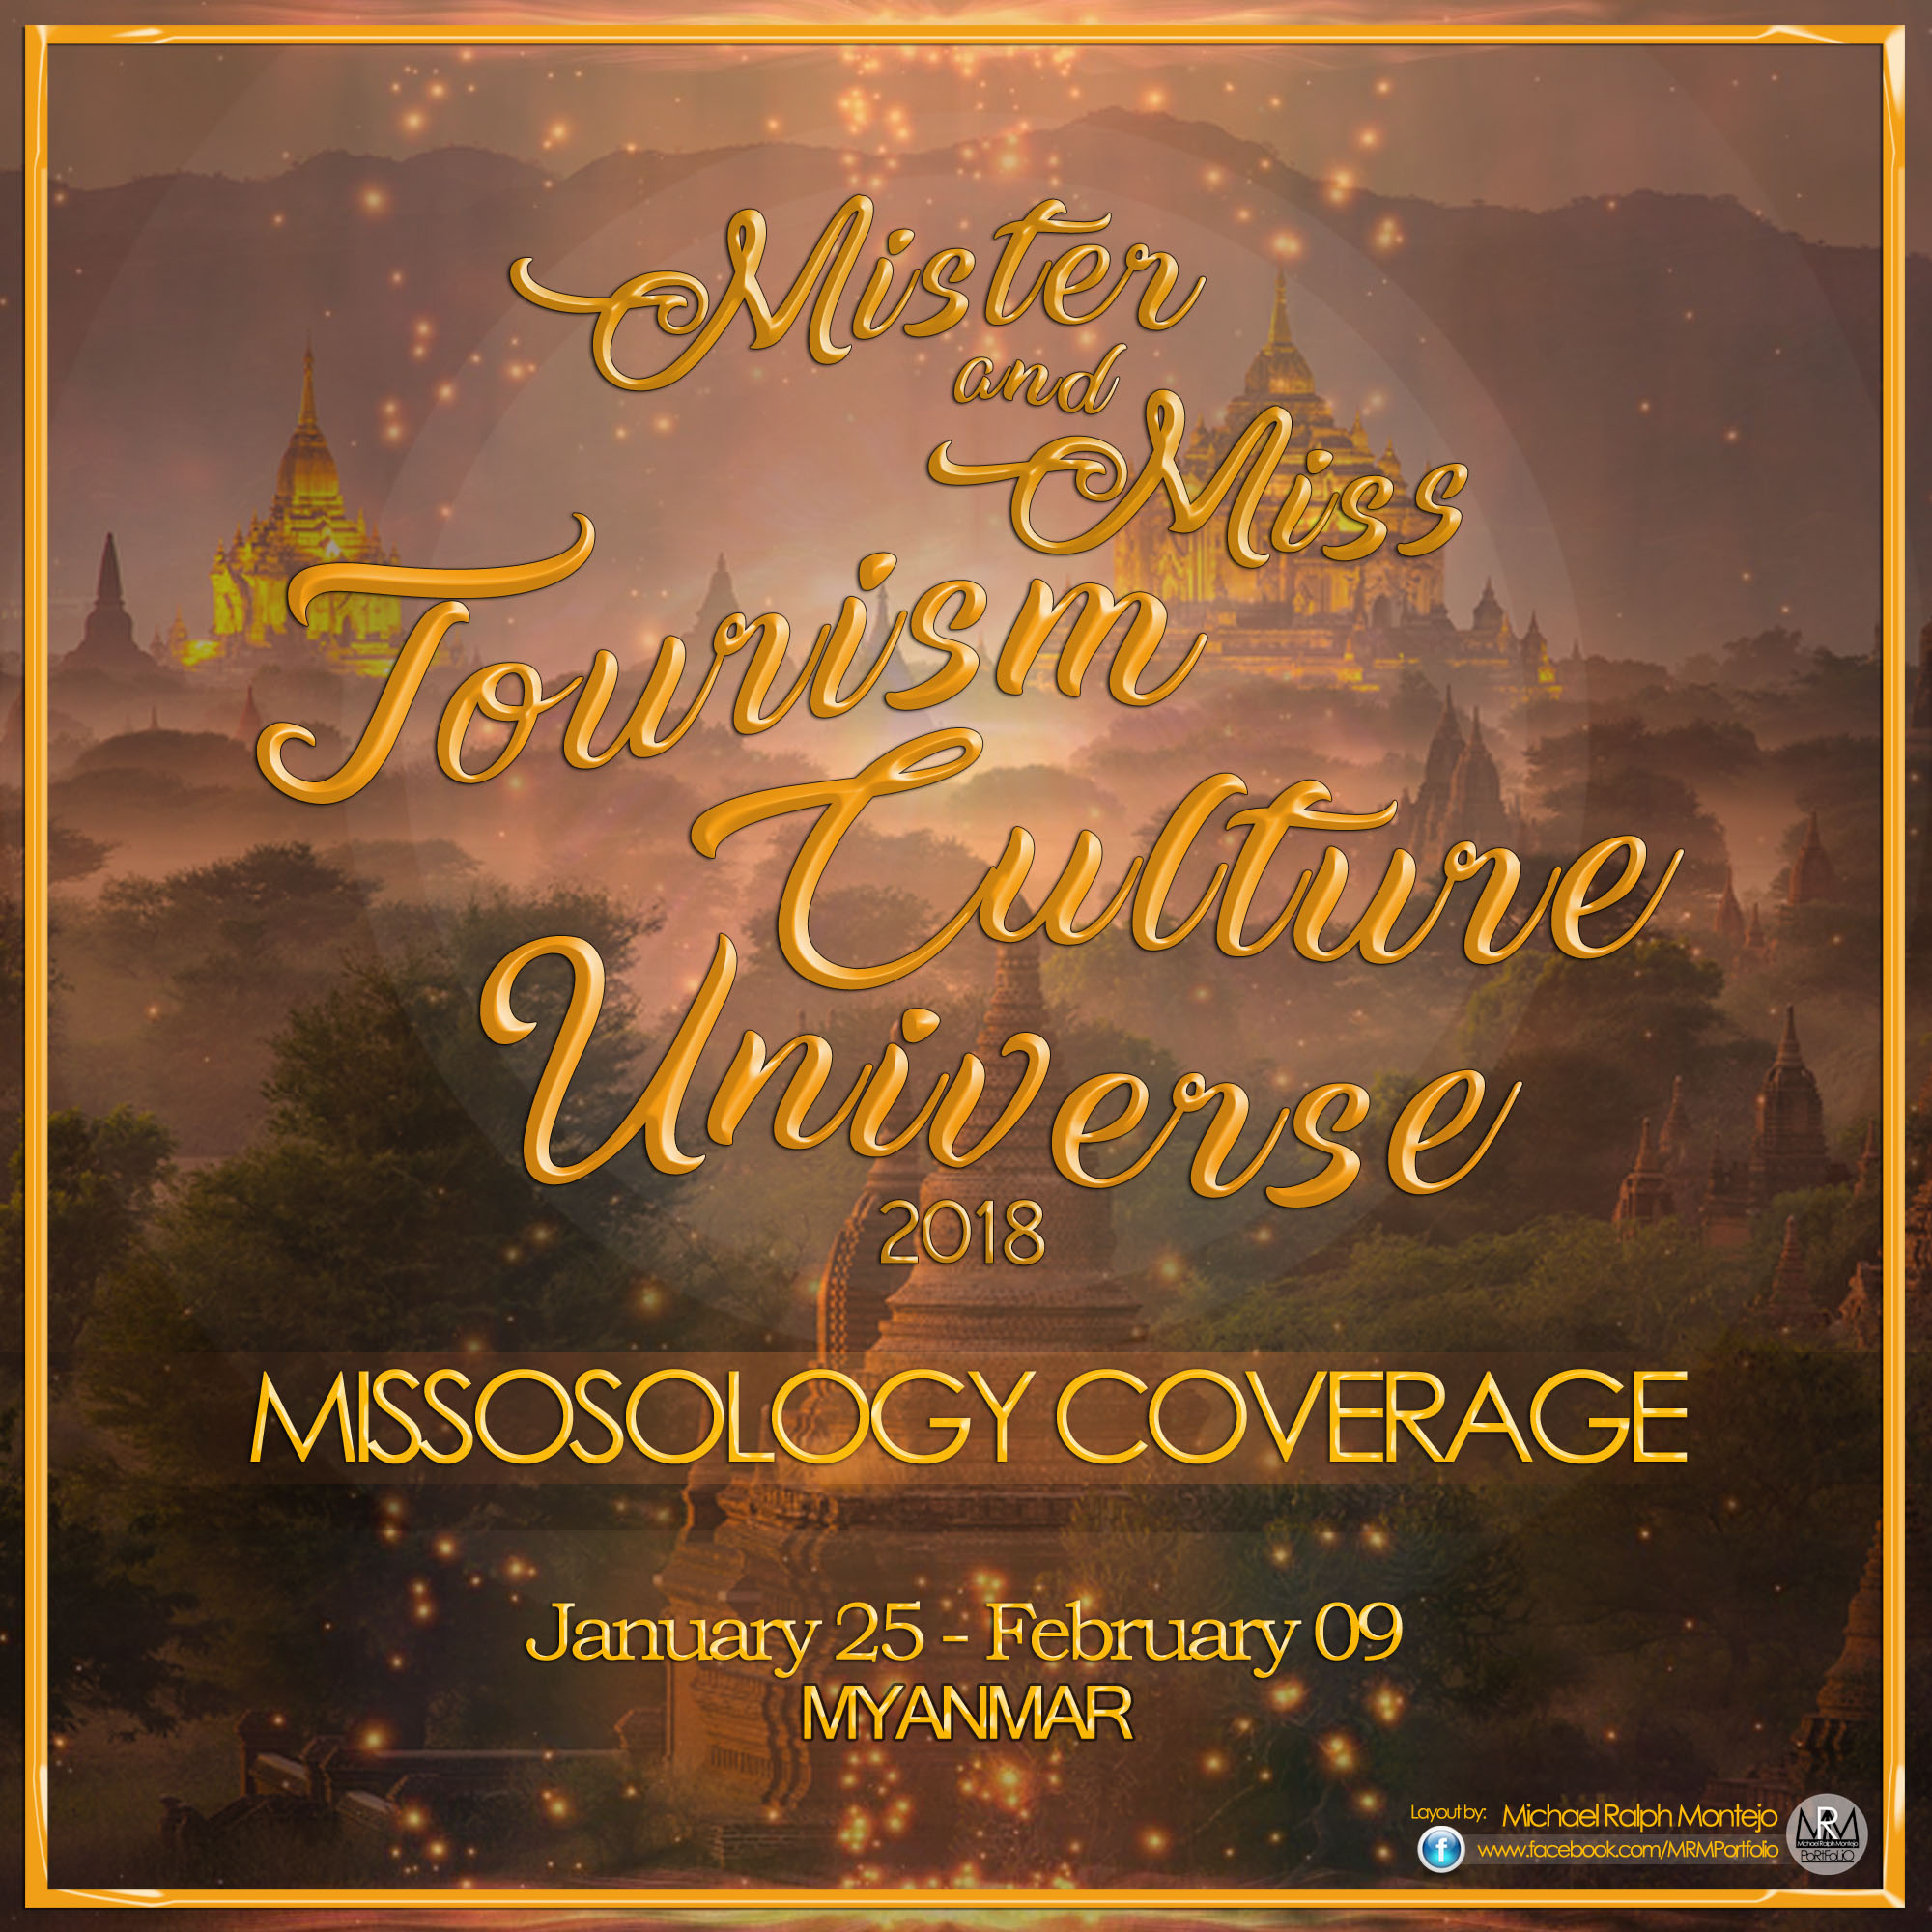 MISTER & MISS TOURISM & CULTURE UNIVERSE